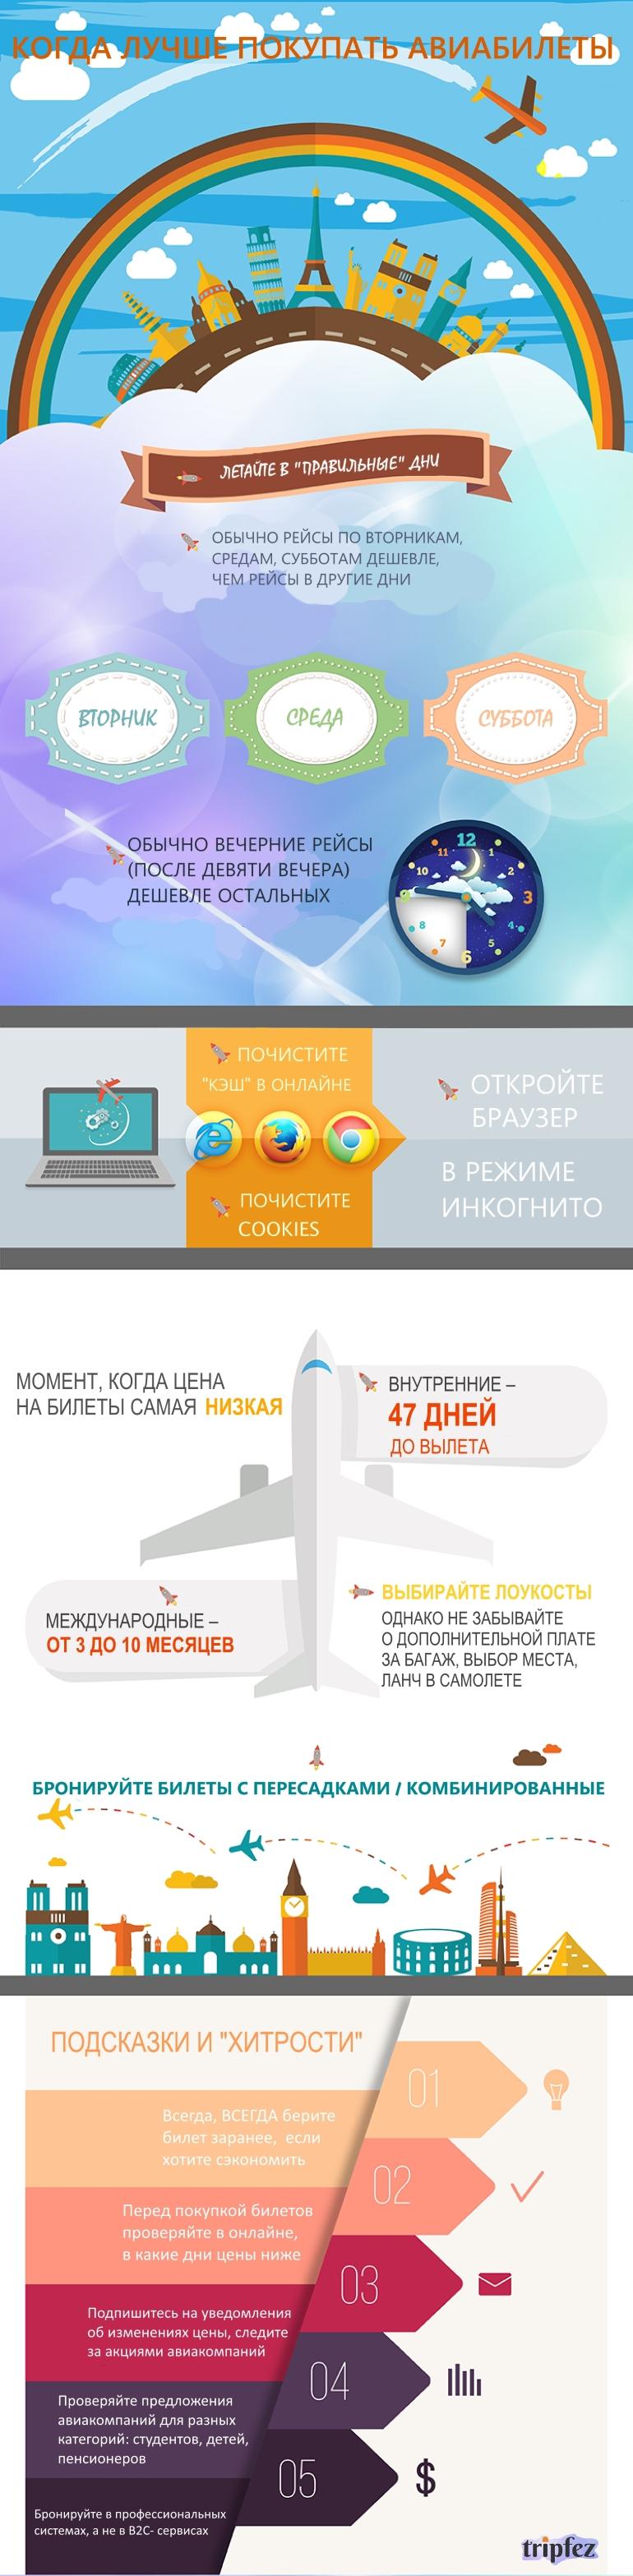 Как покупать недорогие авиабилеты